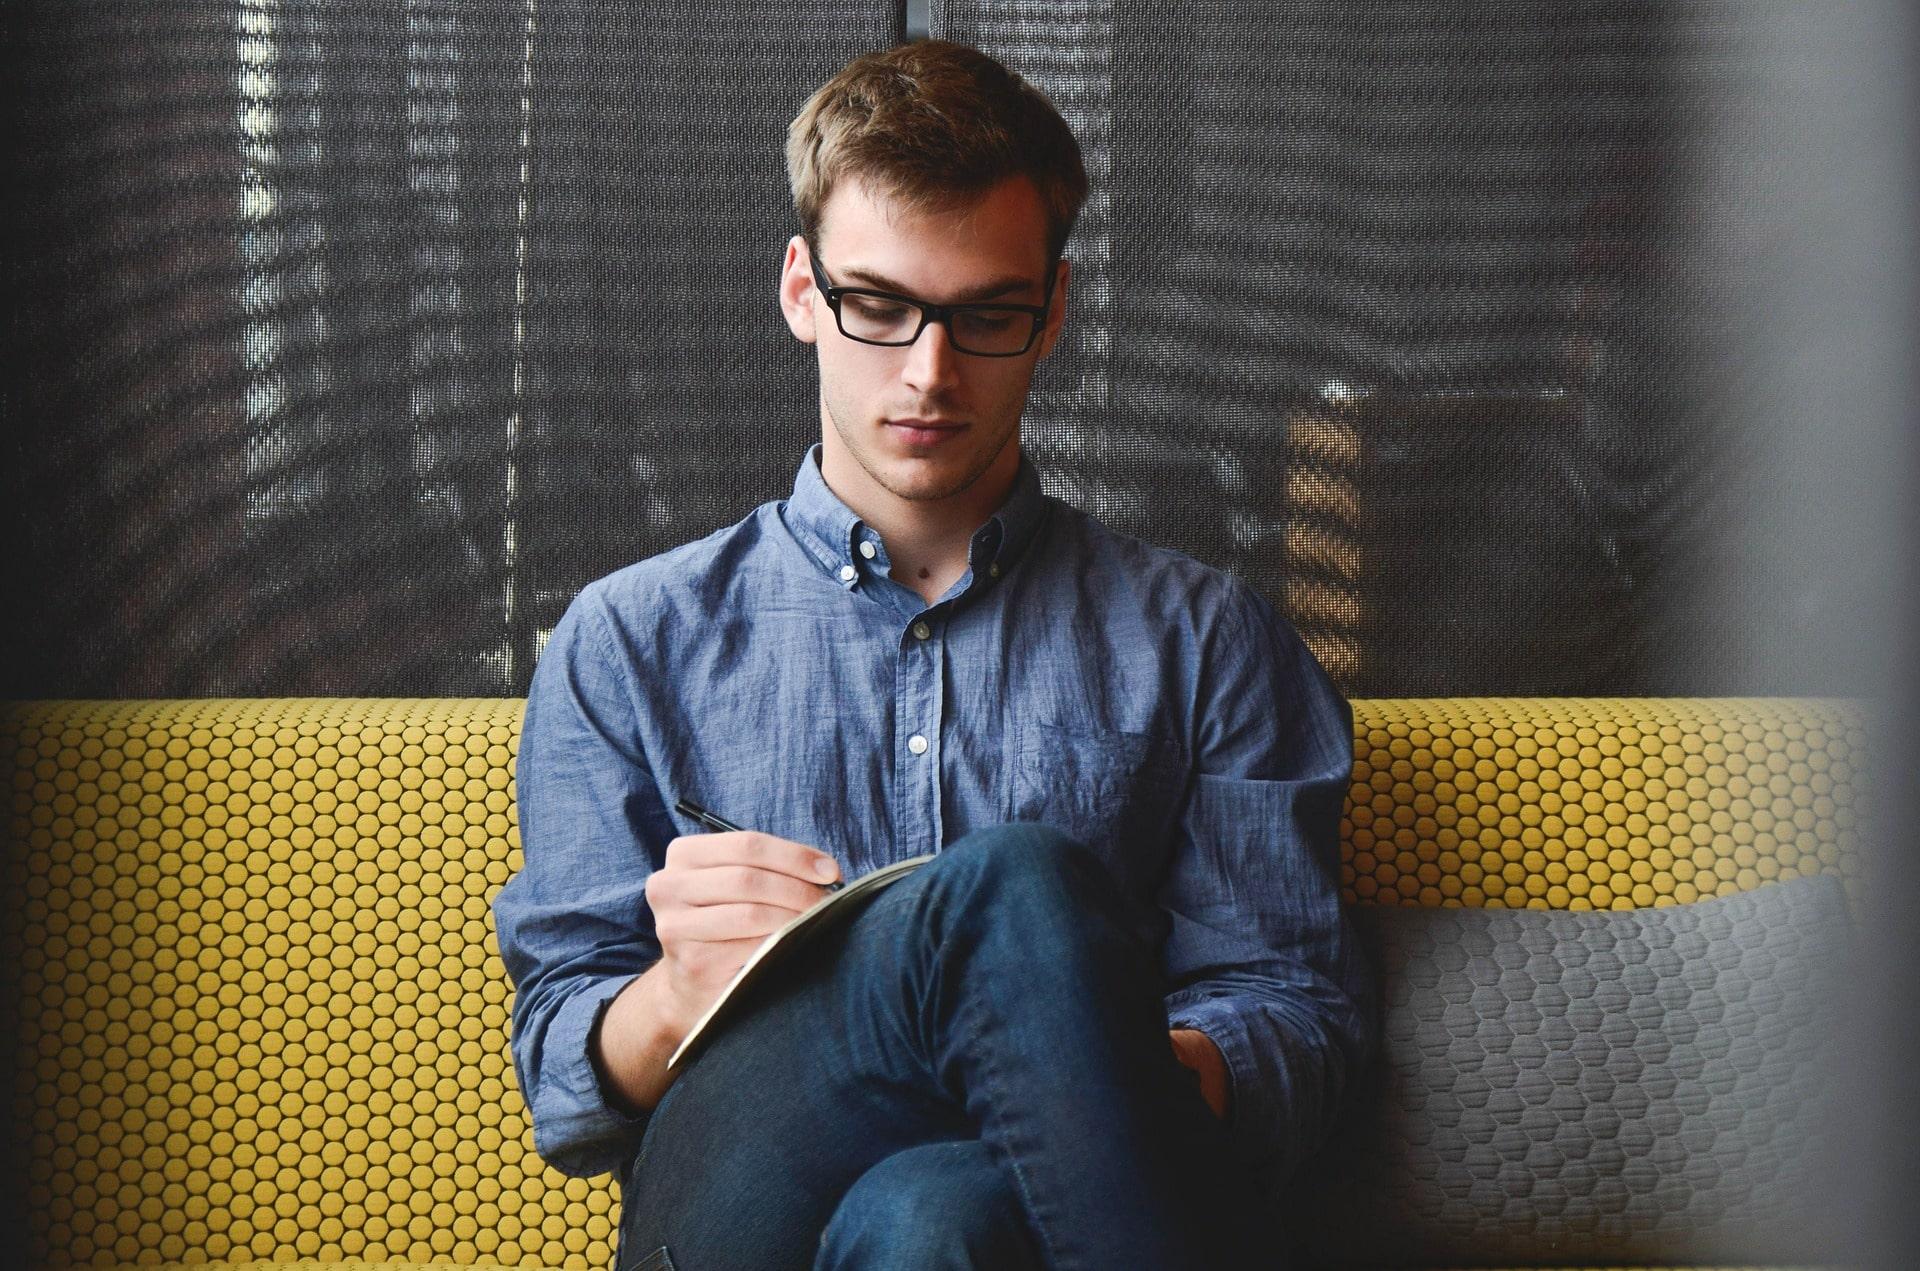 De relatie tussen ondernemen, ADHD en burnout